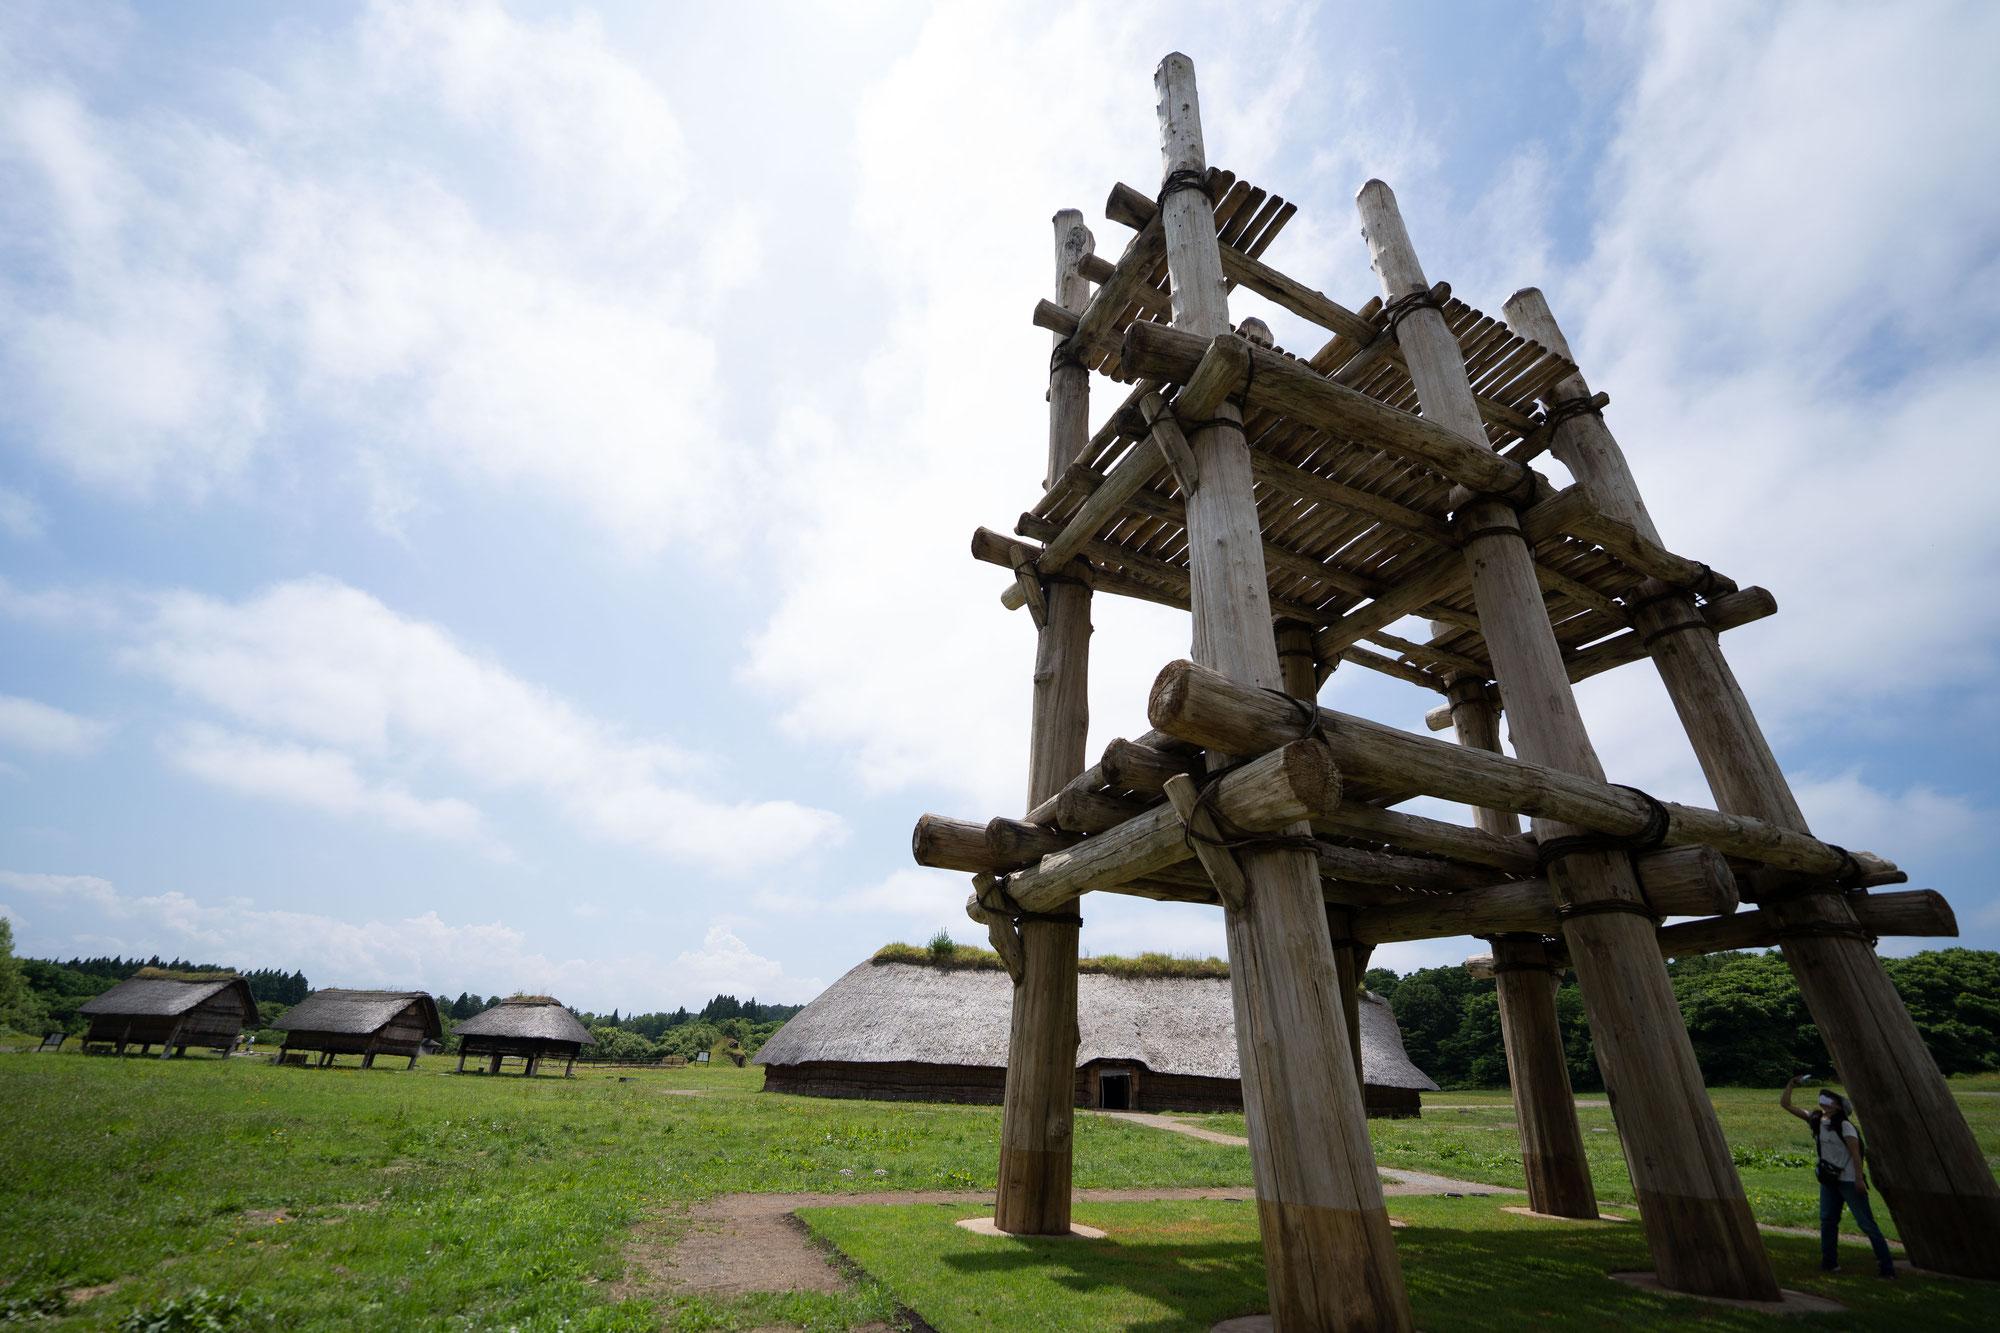 三内丸山遺跡→古牧野遺跡→亀ヶ岡石器時代遺跡→大湯環状列石